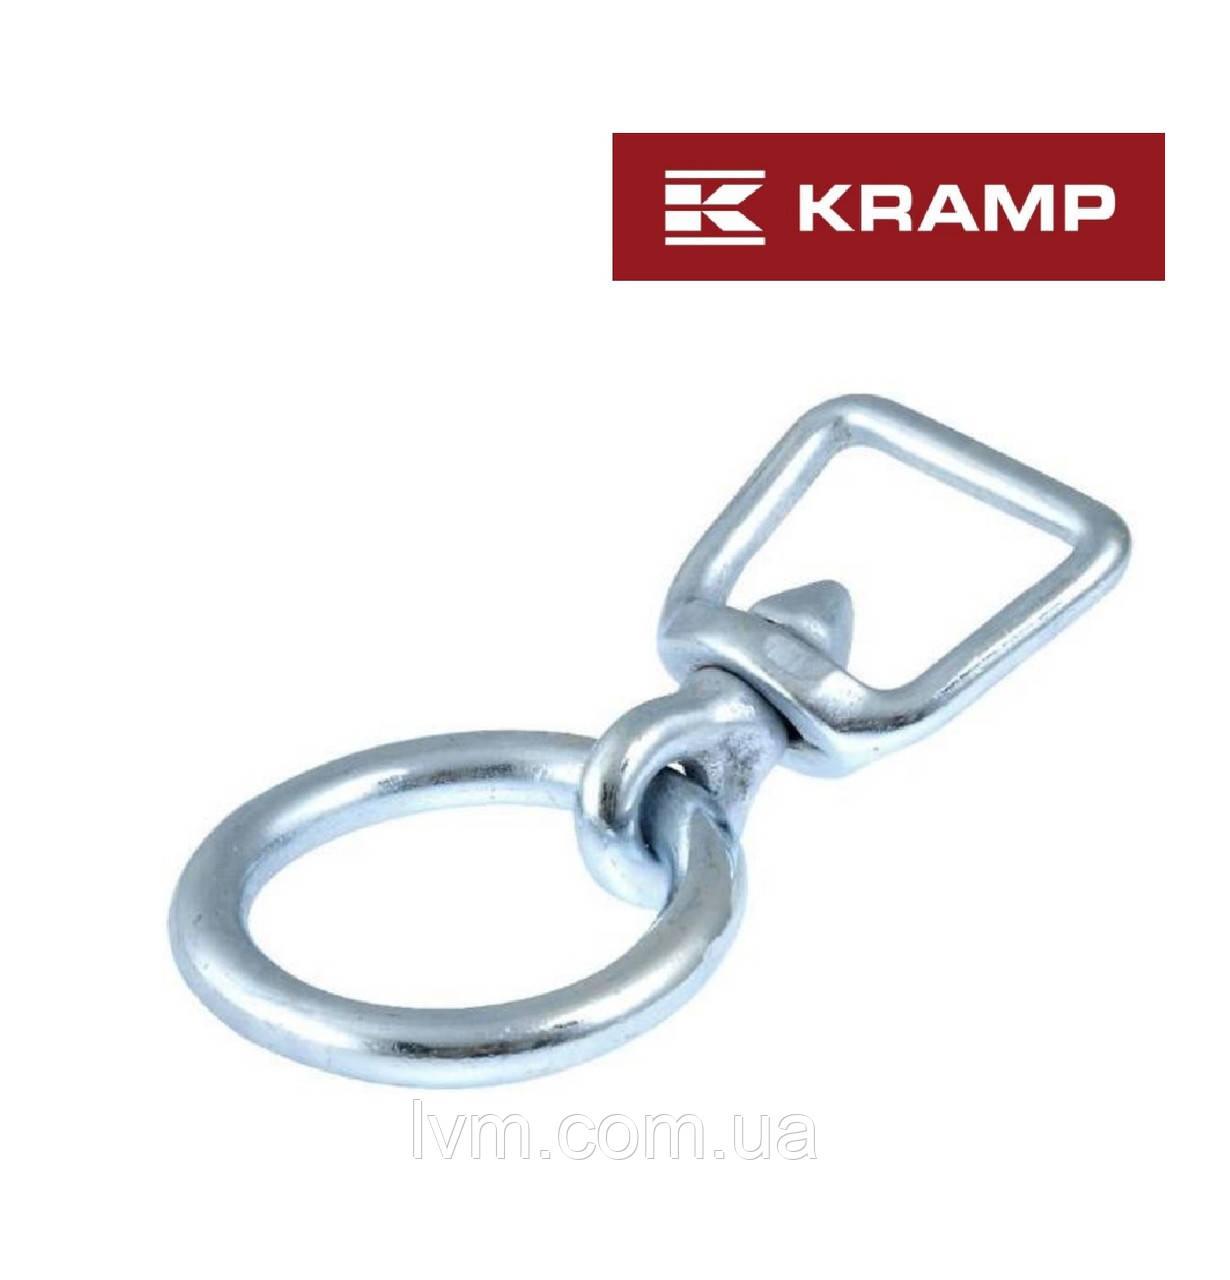 Скоба Вертлюжная с кольцом Ø 7мм*14,5см для привязи (сталь оцинкованная) KRAMP (Нидерланды)